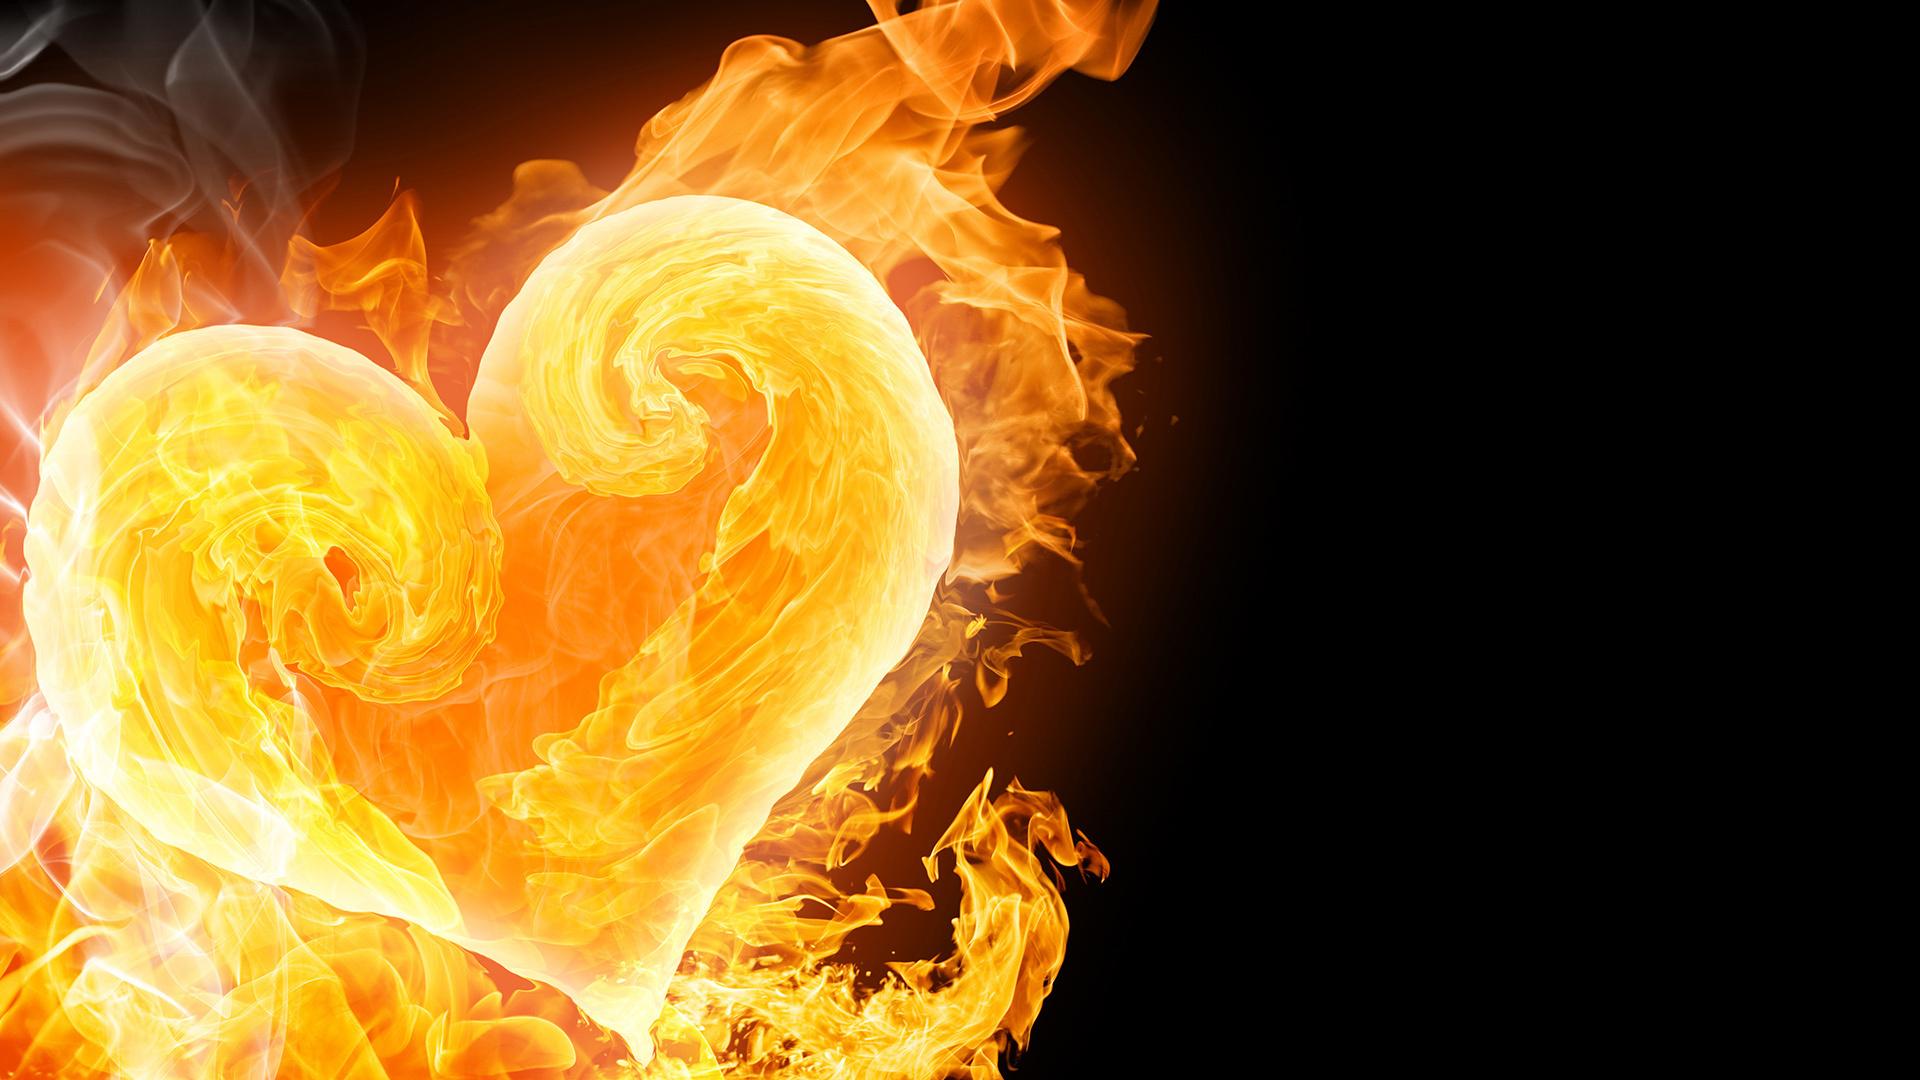 love fire: